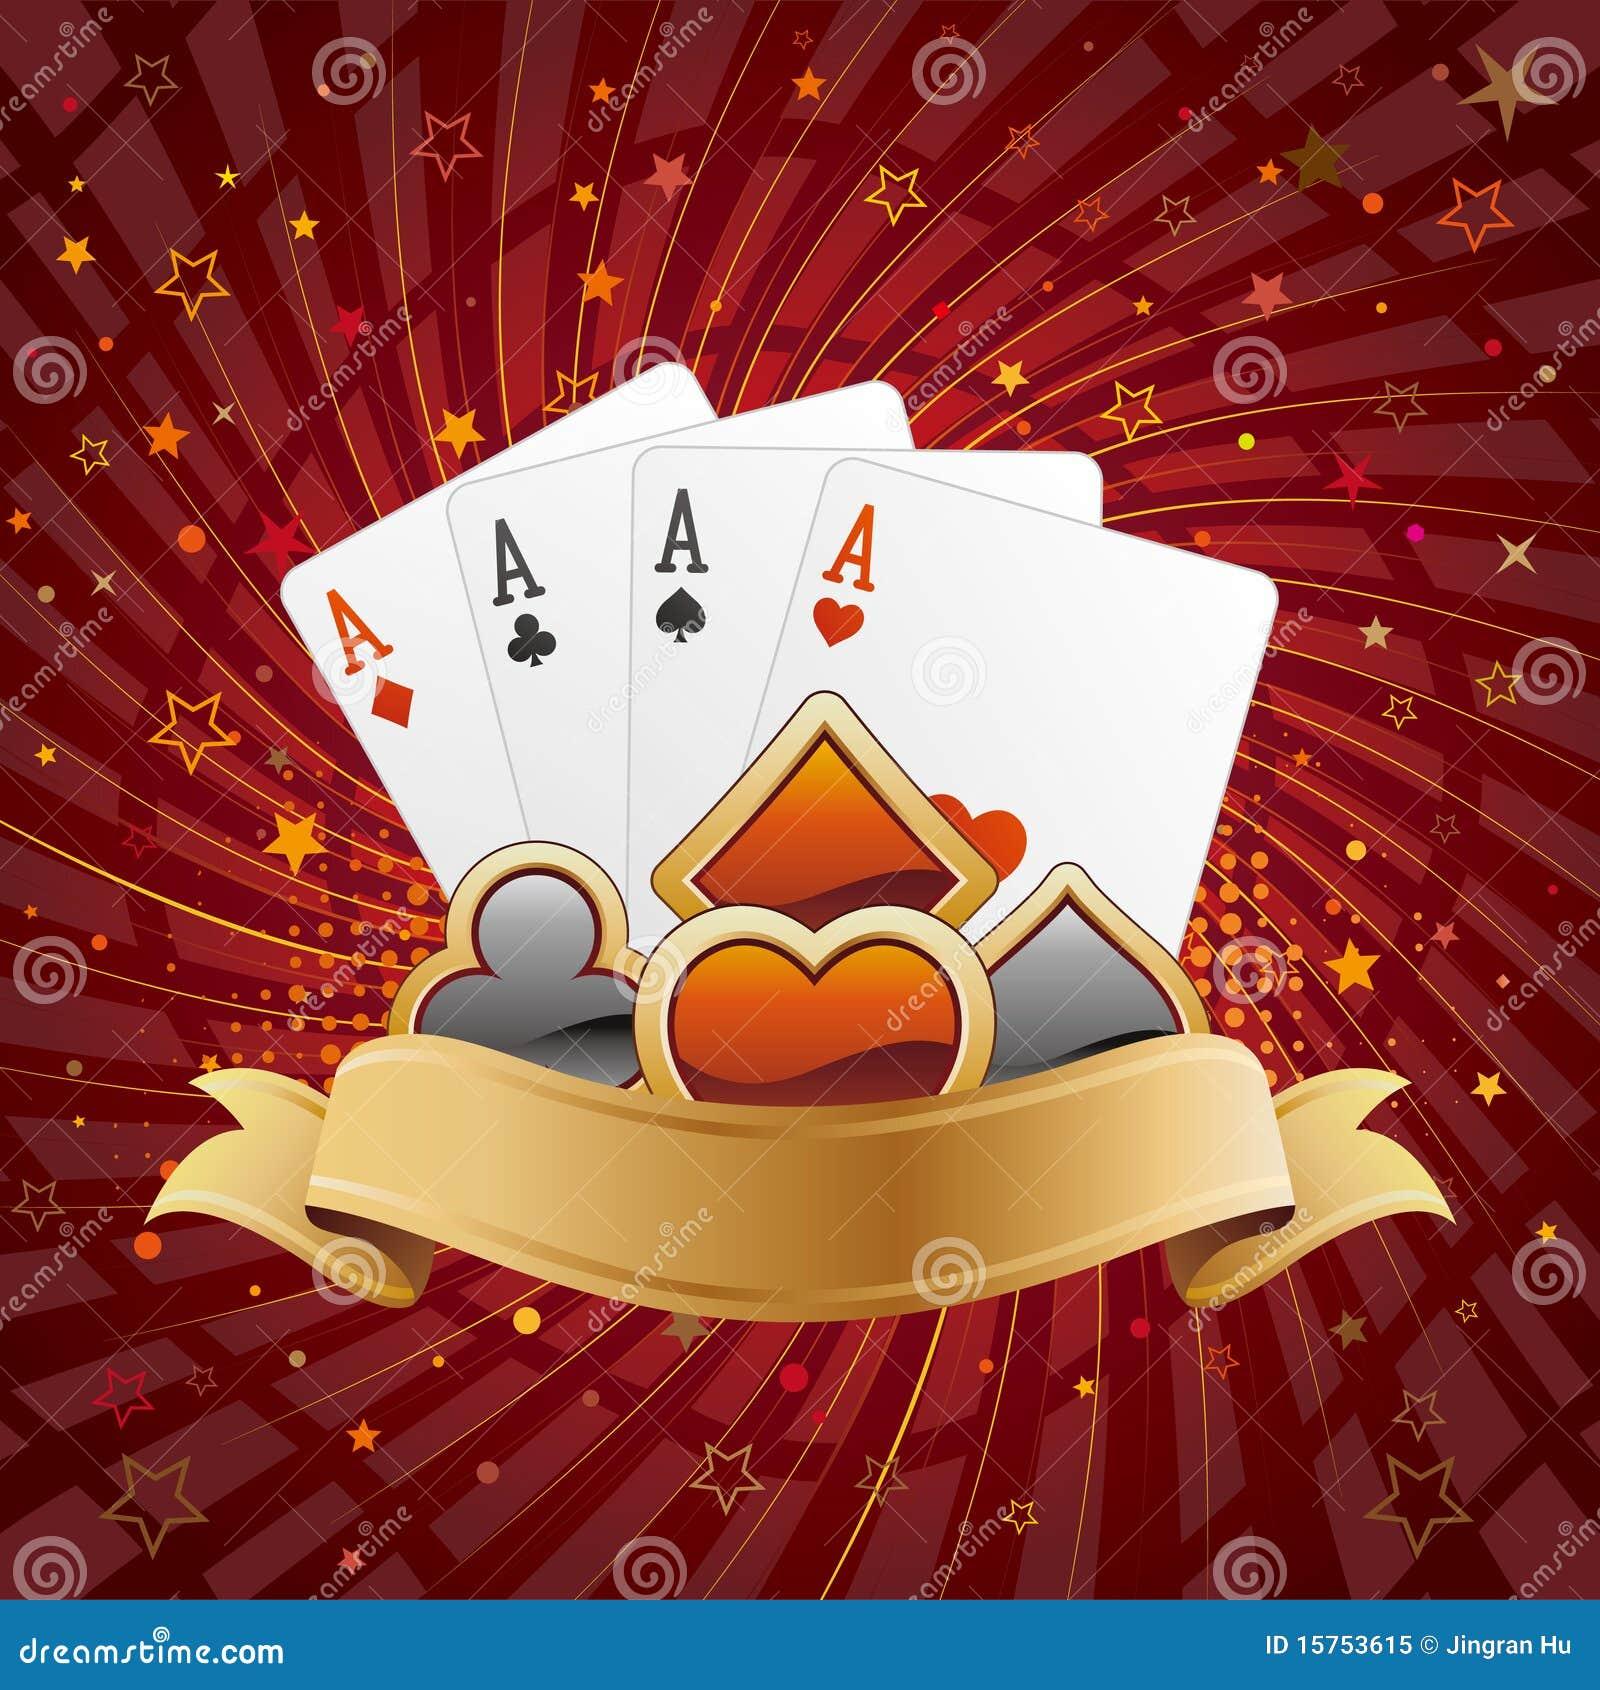 Cheap poker table